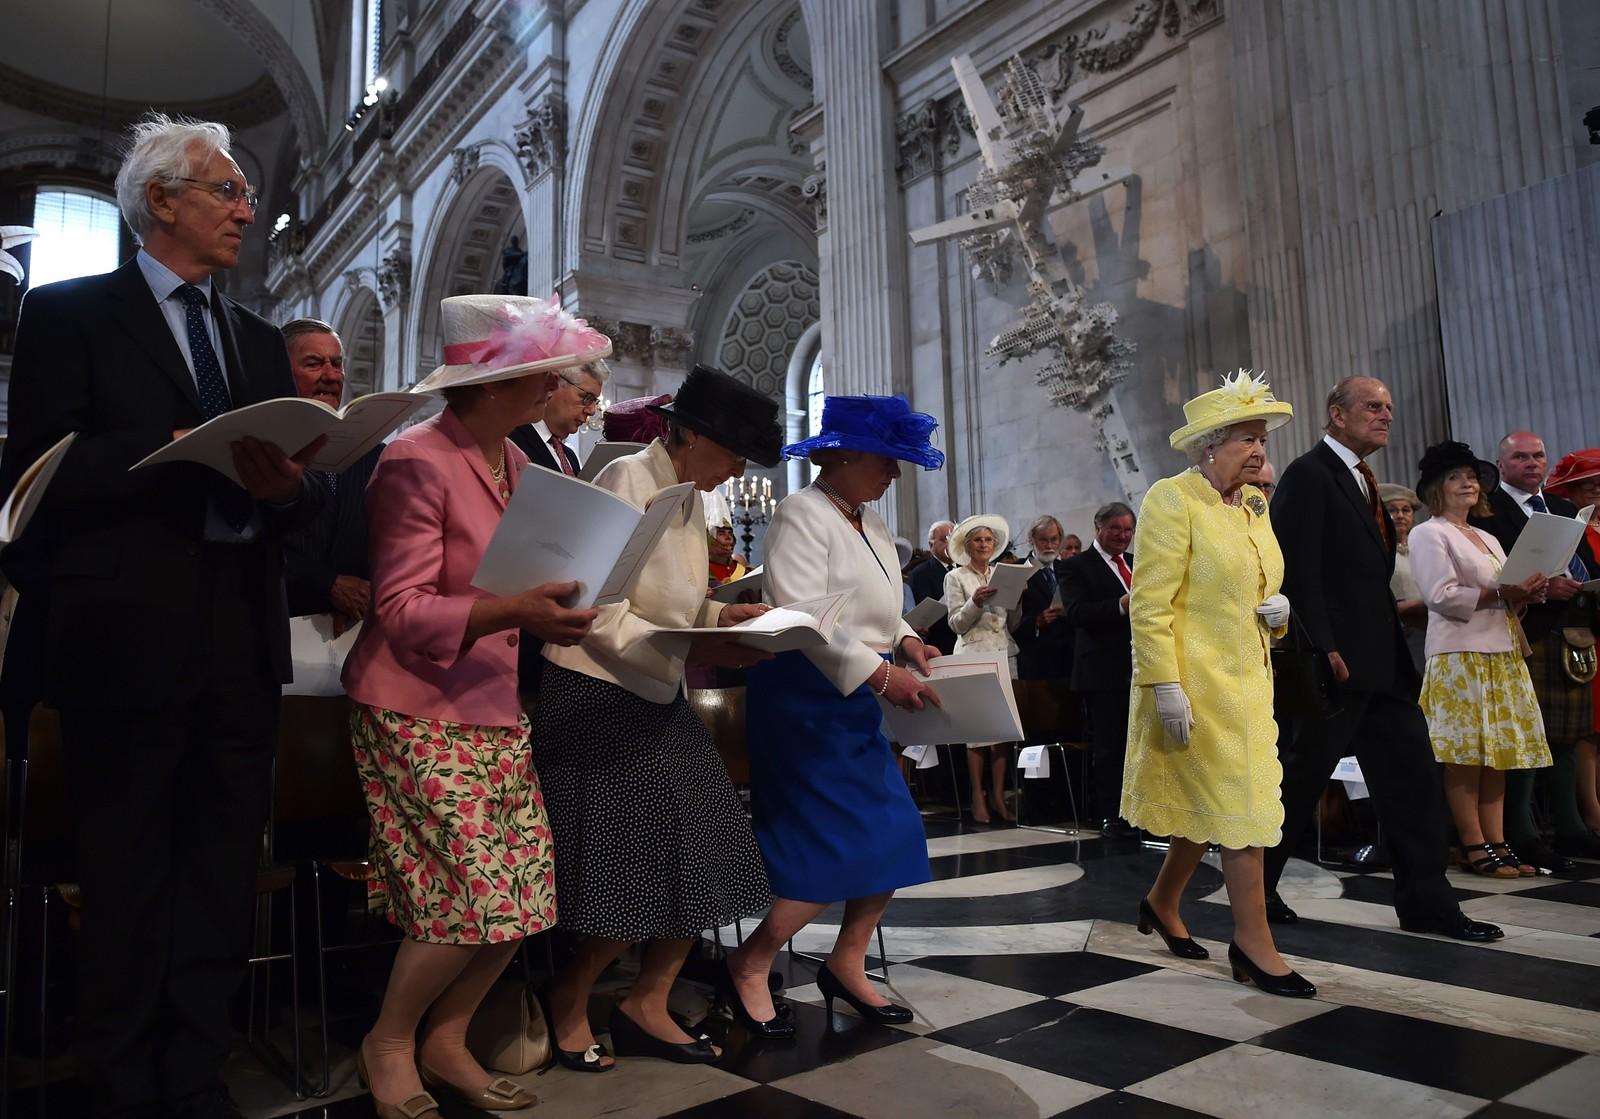 Det neies når Storbritannias dronning Elizabeth og hennes mann prins Philip ankom fredag en nasjonal seremoni i St. Paul's Cathedral i London, som markerer starten på feiringen av dronningens 90-årsdag. Hun fylte år 21. april. 10. juni er for øvrig også prins Philips 95-årsdag.